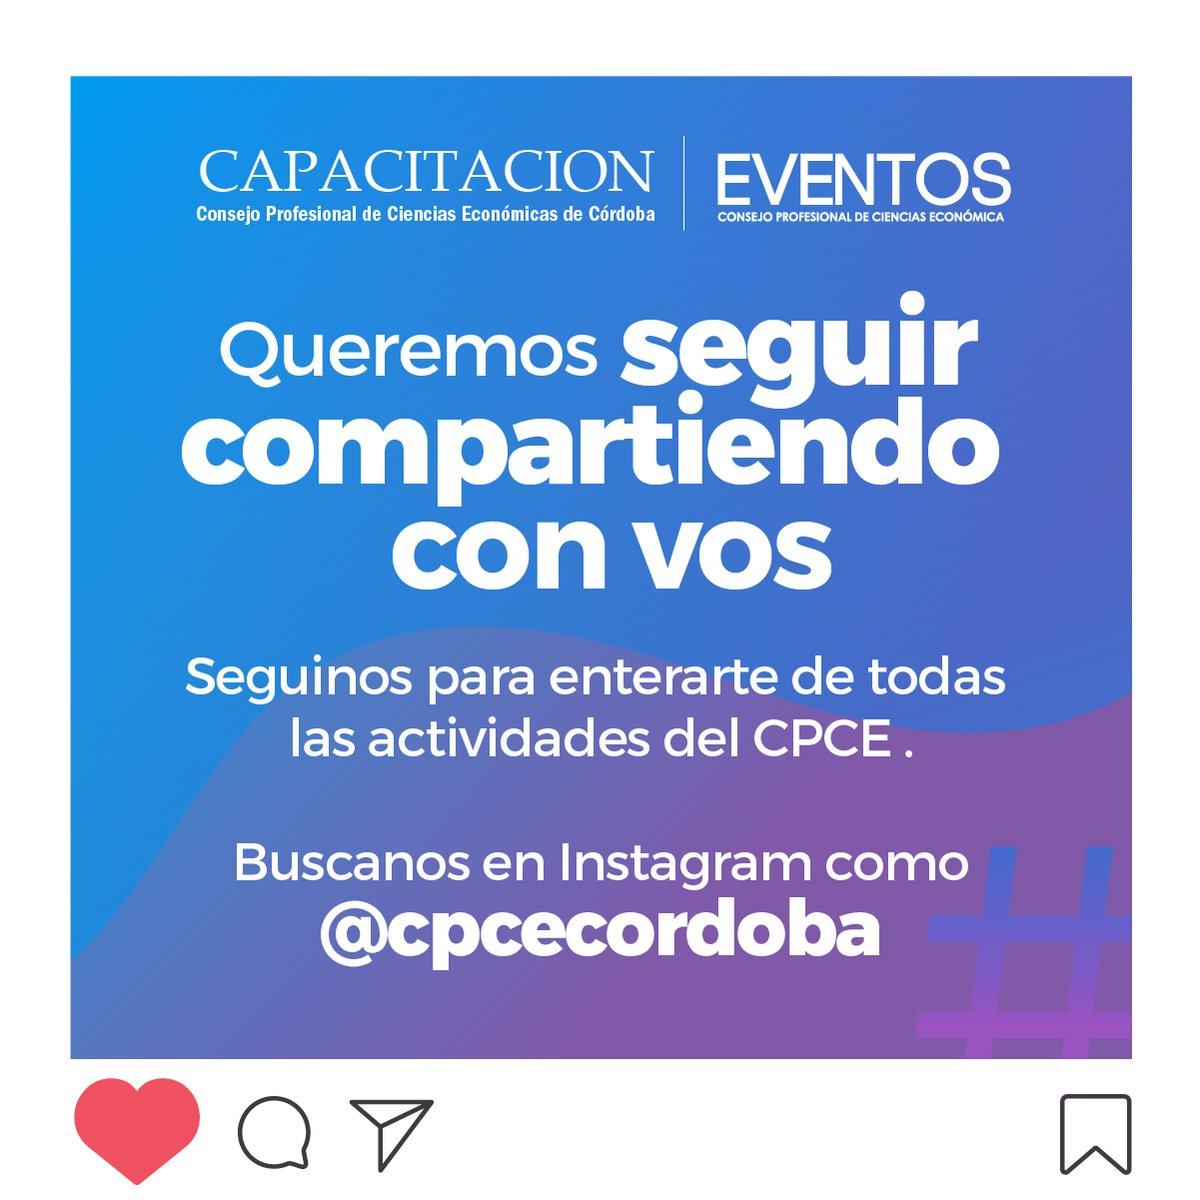 CPCE Córdoba @CPCECordoba: ¡Capacitaciones y Eventos del #CPCE tienen nuevo #instagram! Seguinos y enterate de todas las novedades ???? https://t.co/Ac1DRI3d7W https://t.co/9RXYlV16HQ